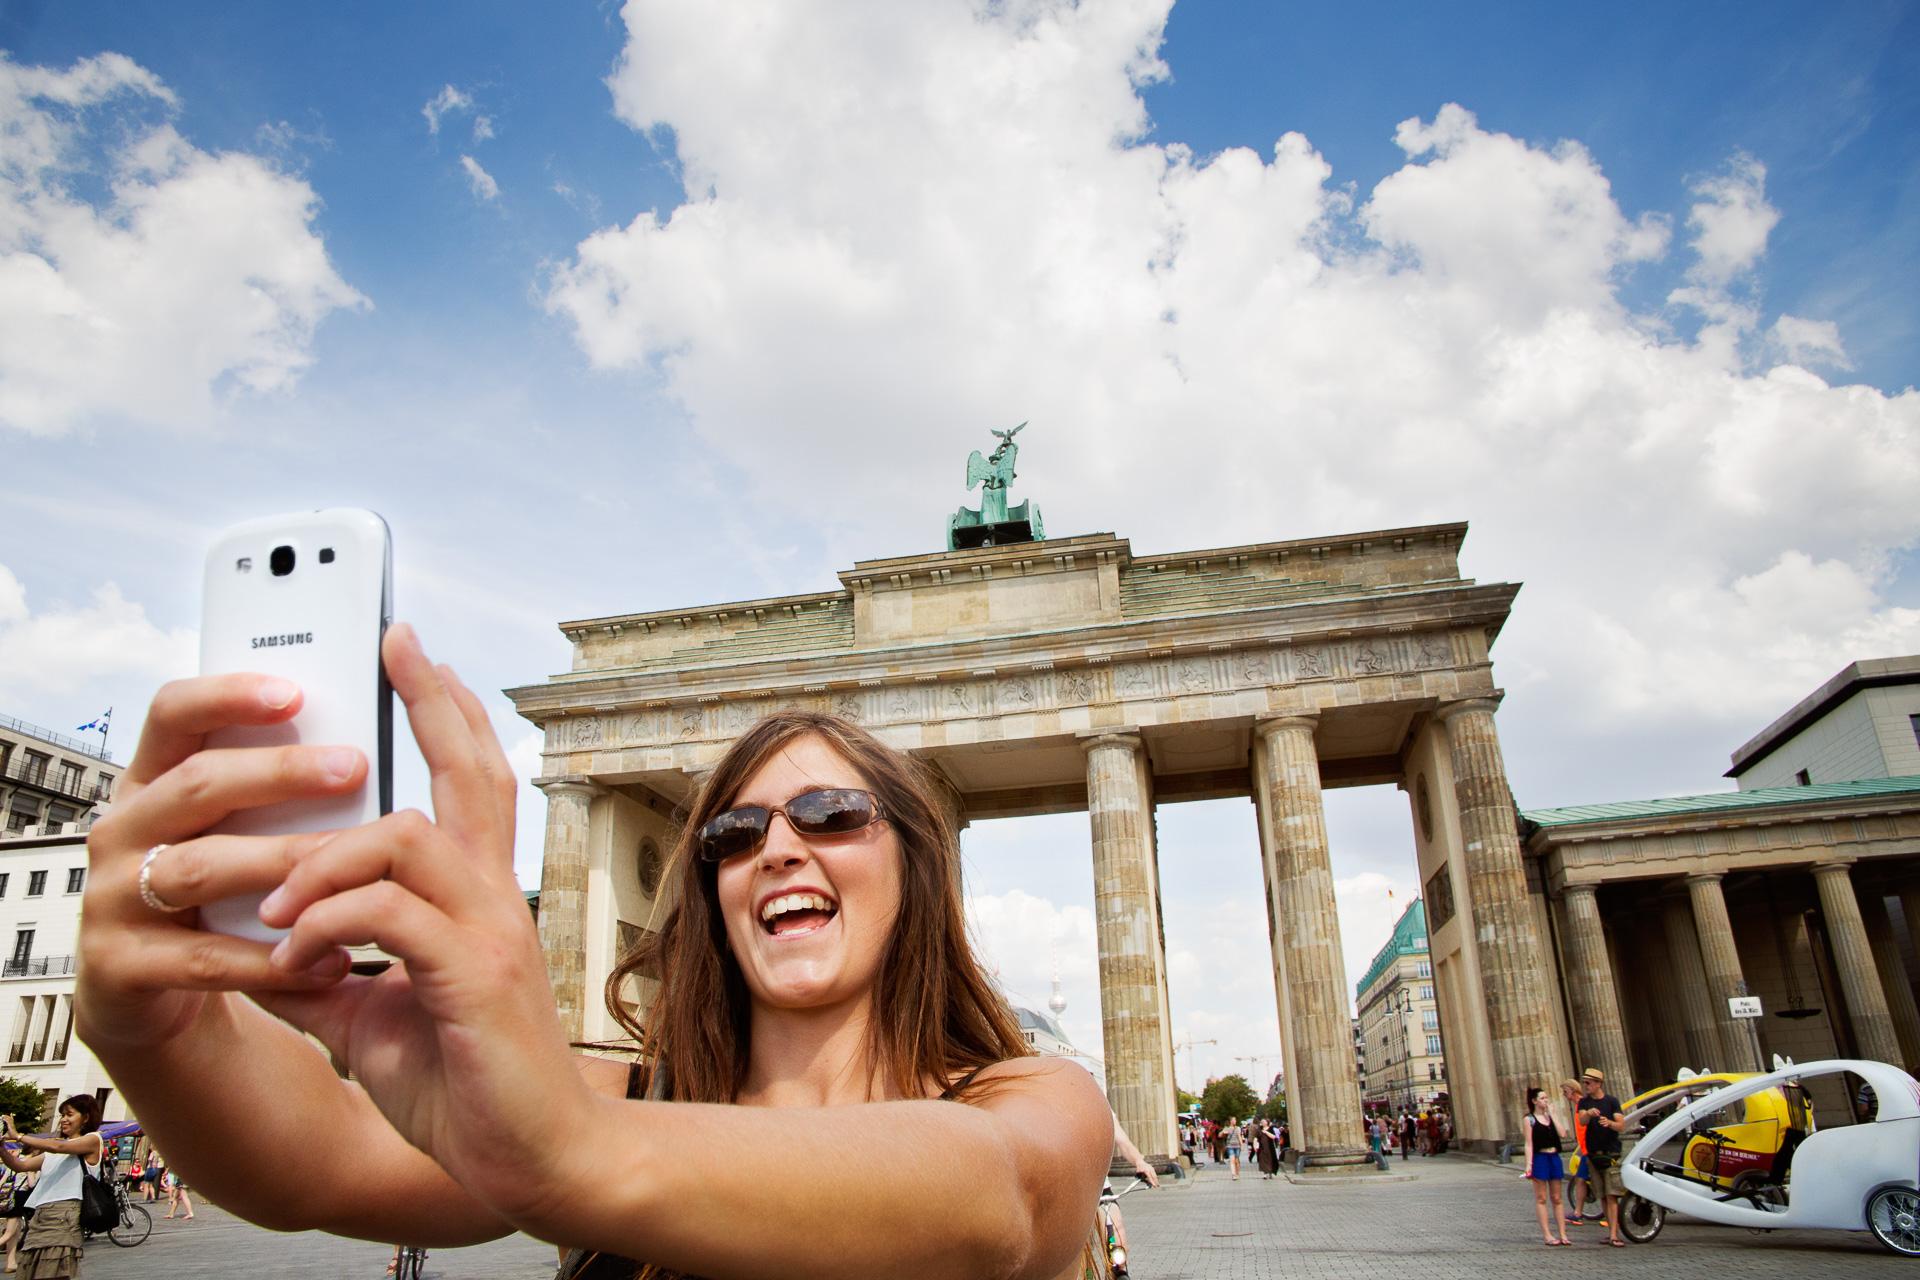 Erlebe die bunte Hauptstadt Deutschlands abseits der ausgetretenen Touristenpfaden zu den schönsten Lichtstimmungen des Tages.